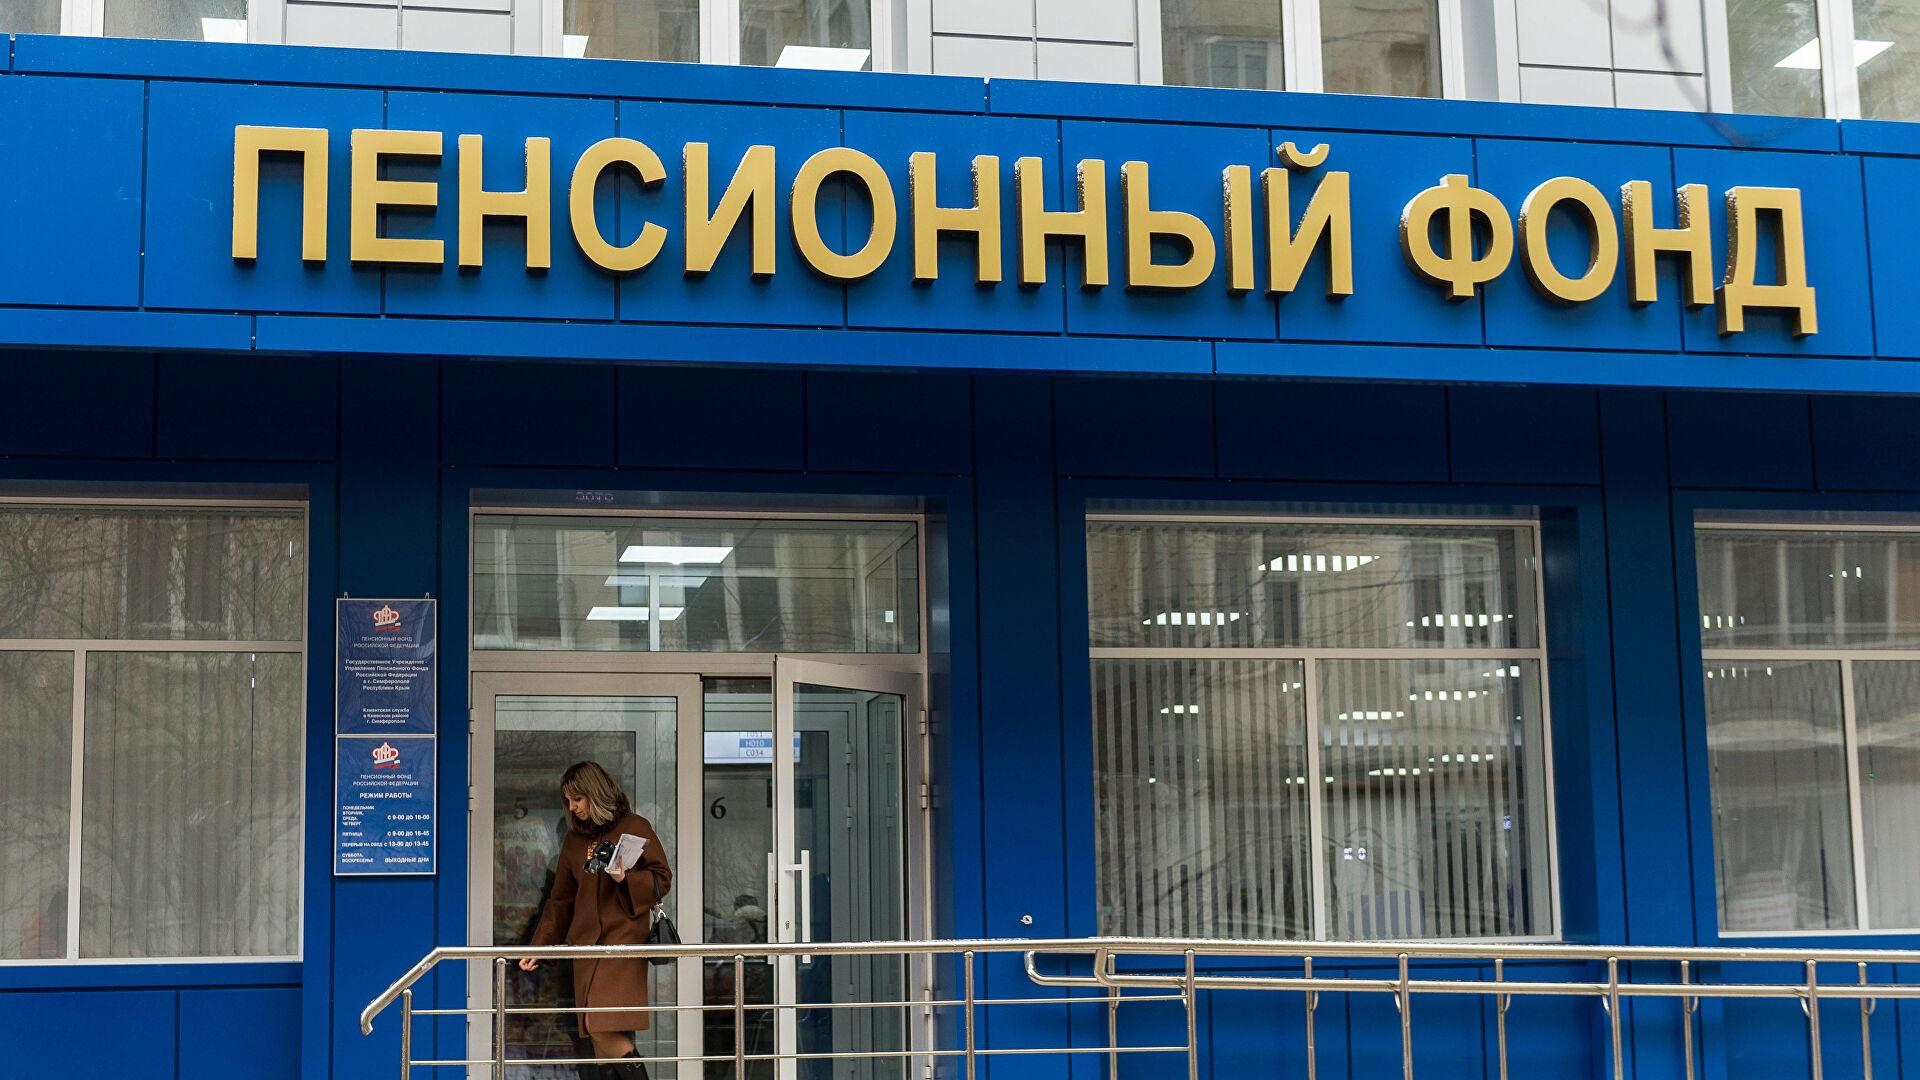 В Пенсионном фонде рассказали, что россияне должны обязательно сделать за два года до выхода на пенсию, чтобы не остаться без денег